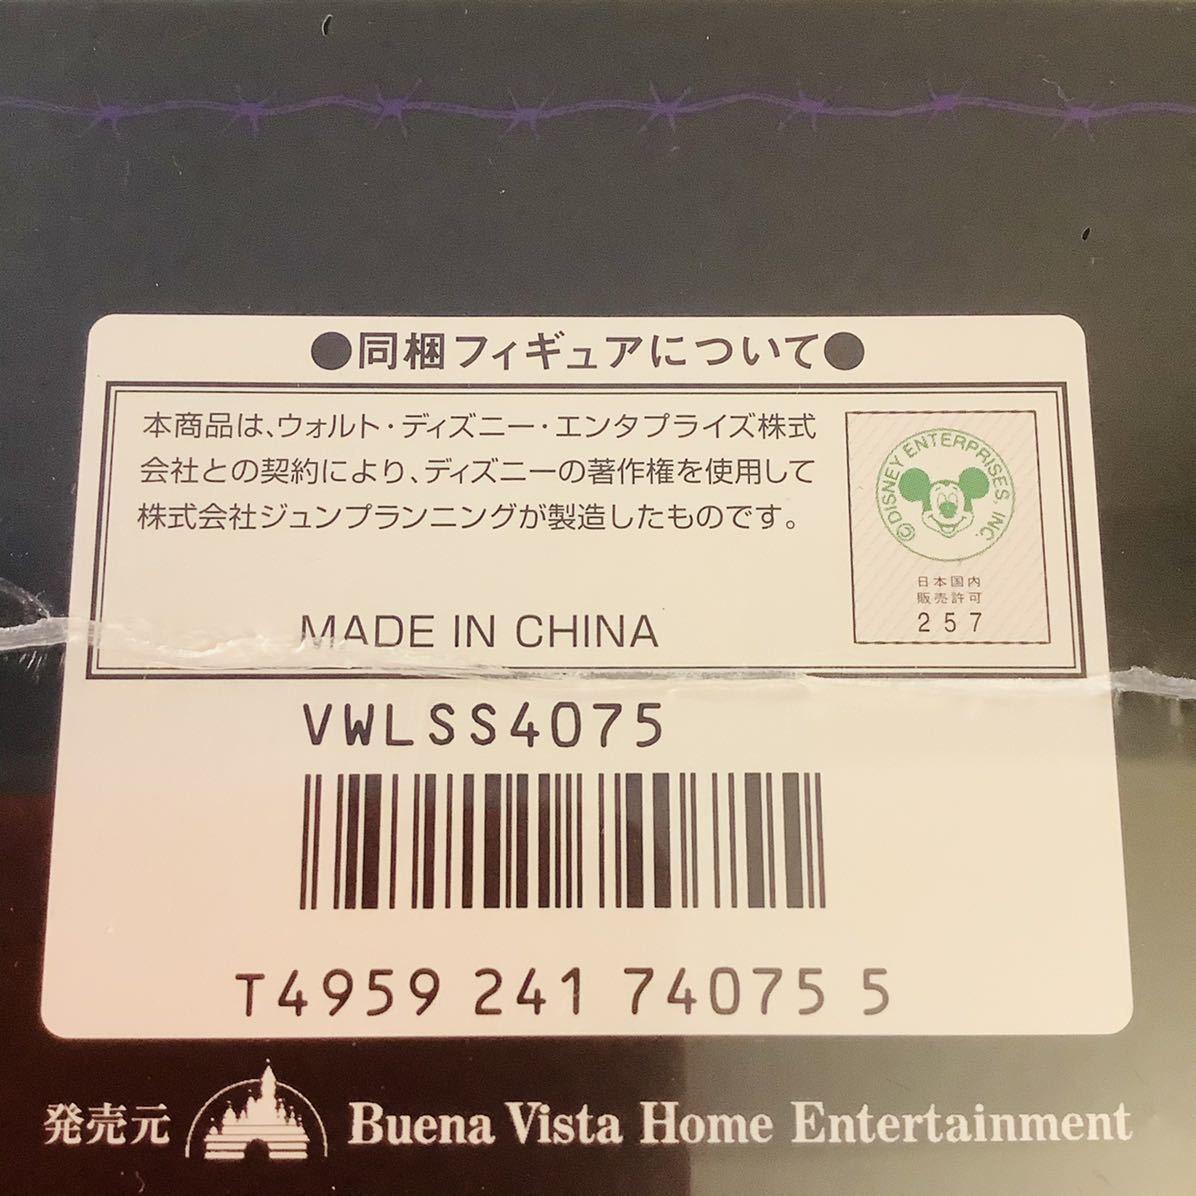 新品未開封VHSビデオ ナイトメア・ビフォア・クリスマス スペシャル限定BOX オリジナルフィギュア 字幕版